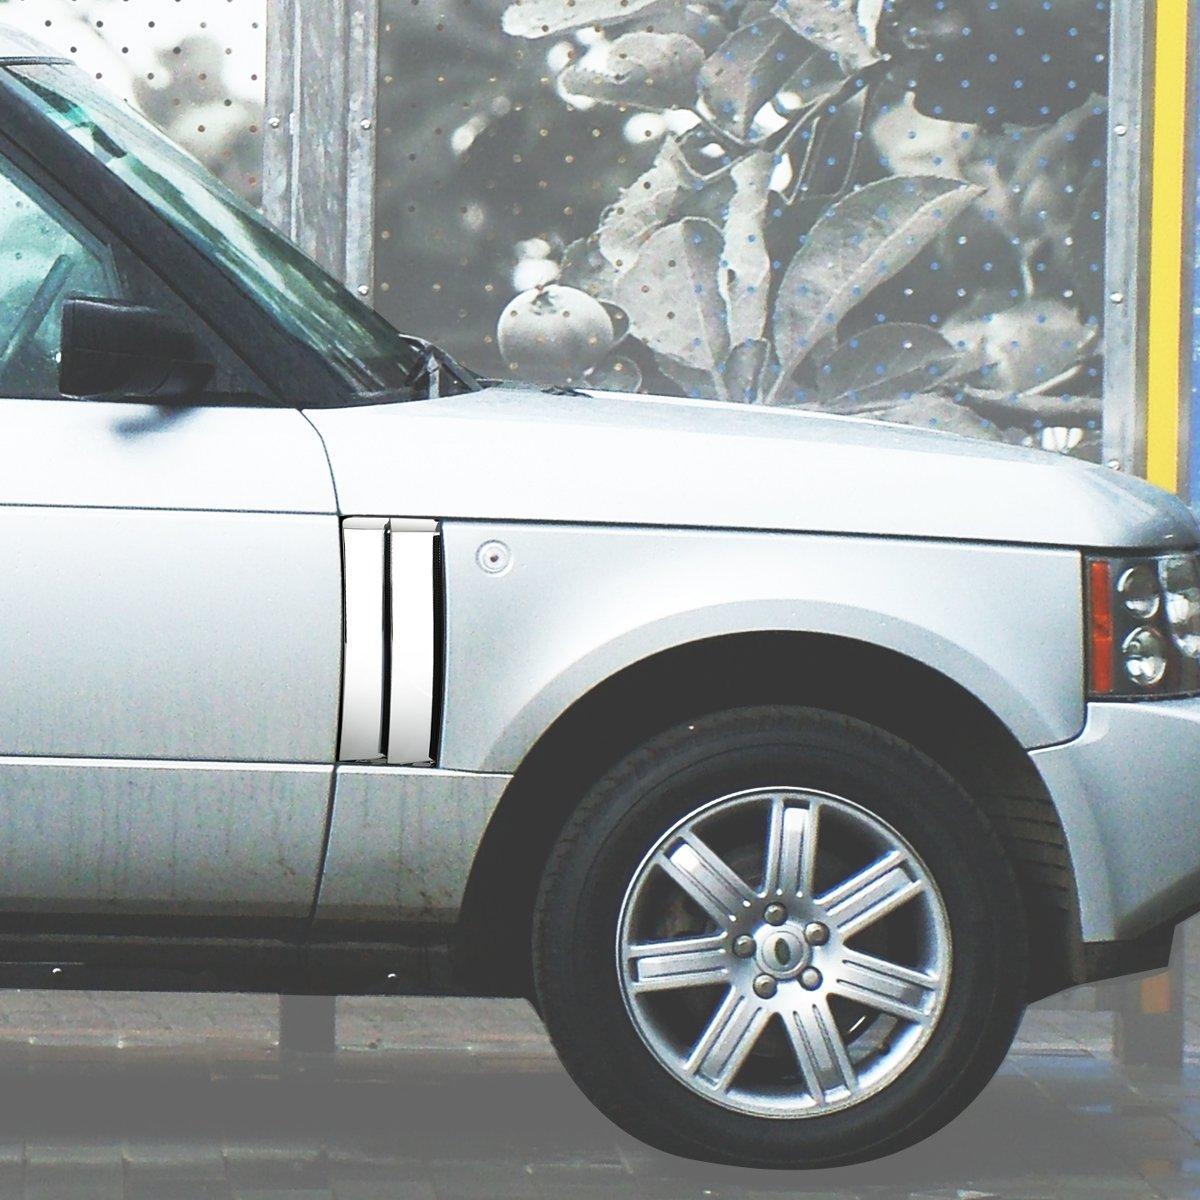 DNA Motoring GRF-090-CH Side Fender Mesh Grille For 03-12 Land Rover Range Rover L322